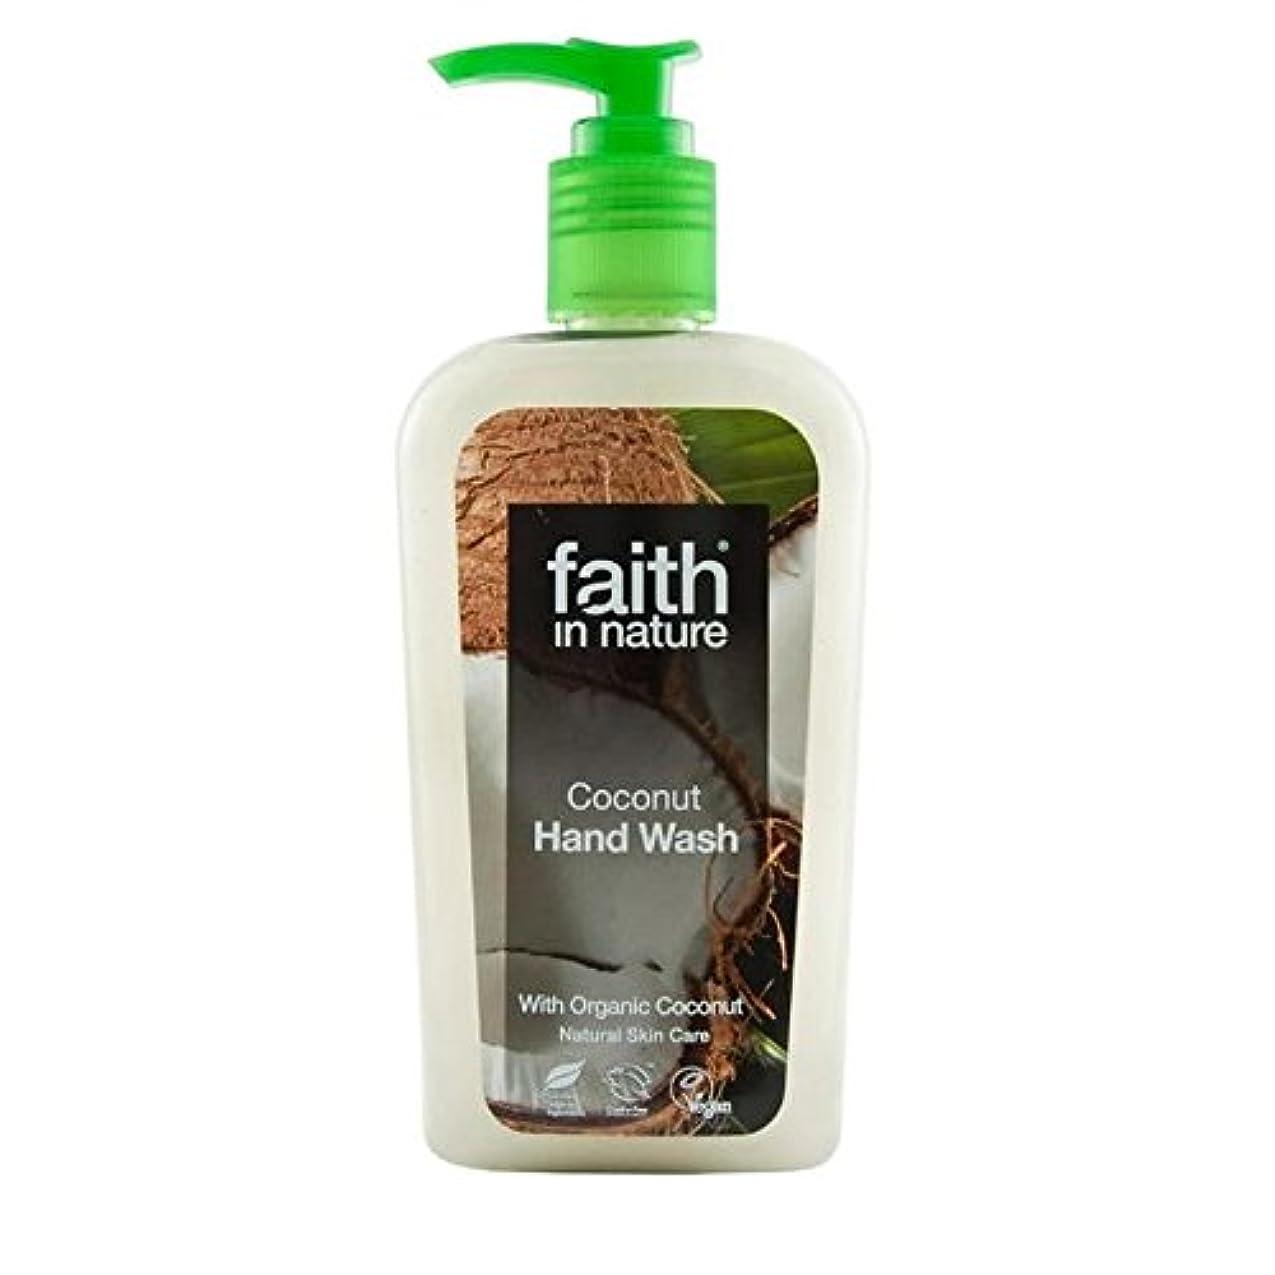 百科事典ケニア誤Faith in Nature Coconut Handwash 300ml (Pack of 2) - (Faith In Nature) 自然ココナッツ手洗いの300ミリリットルの信仰 (x2) [並行輸入品]